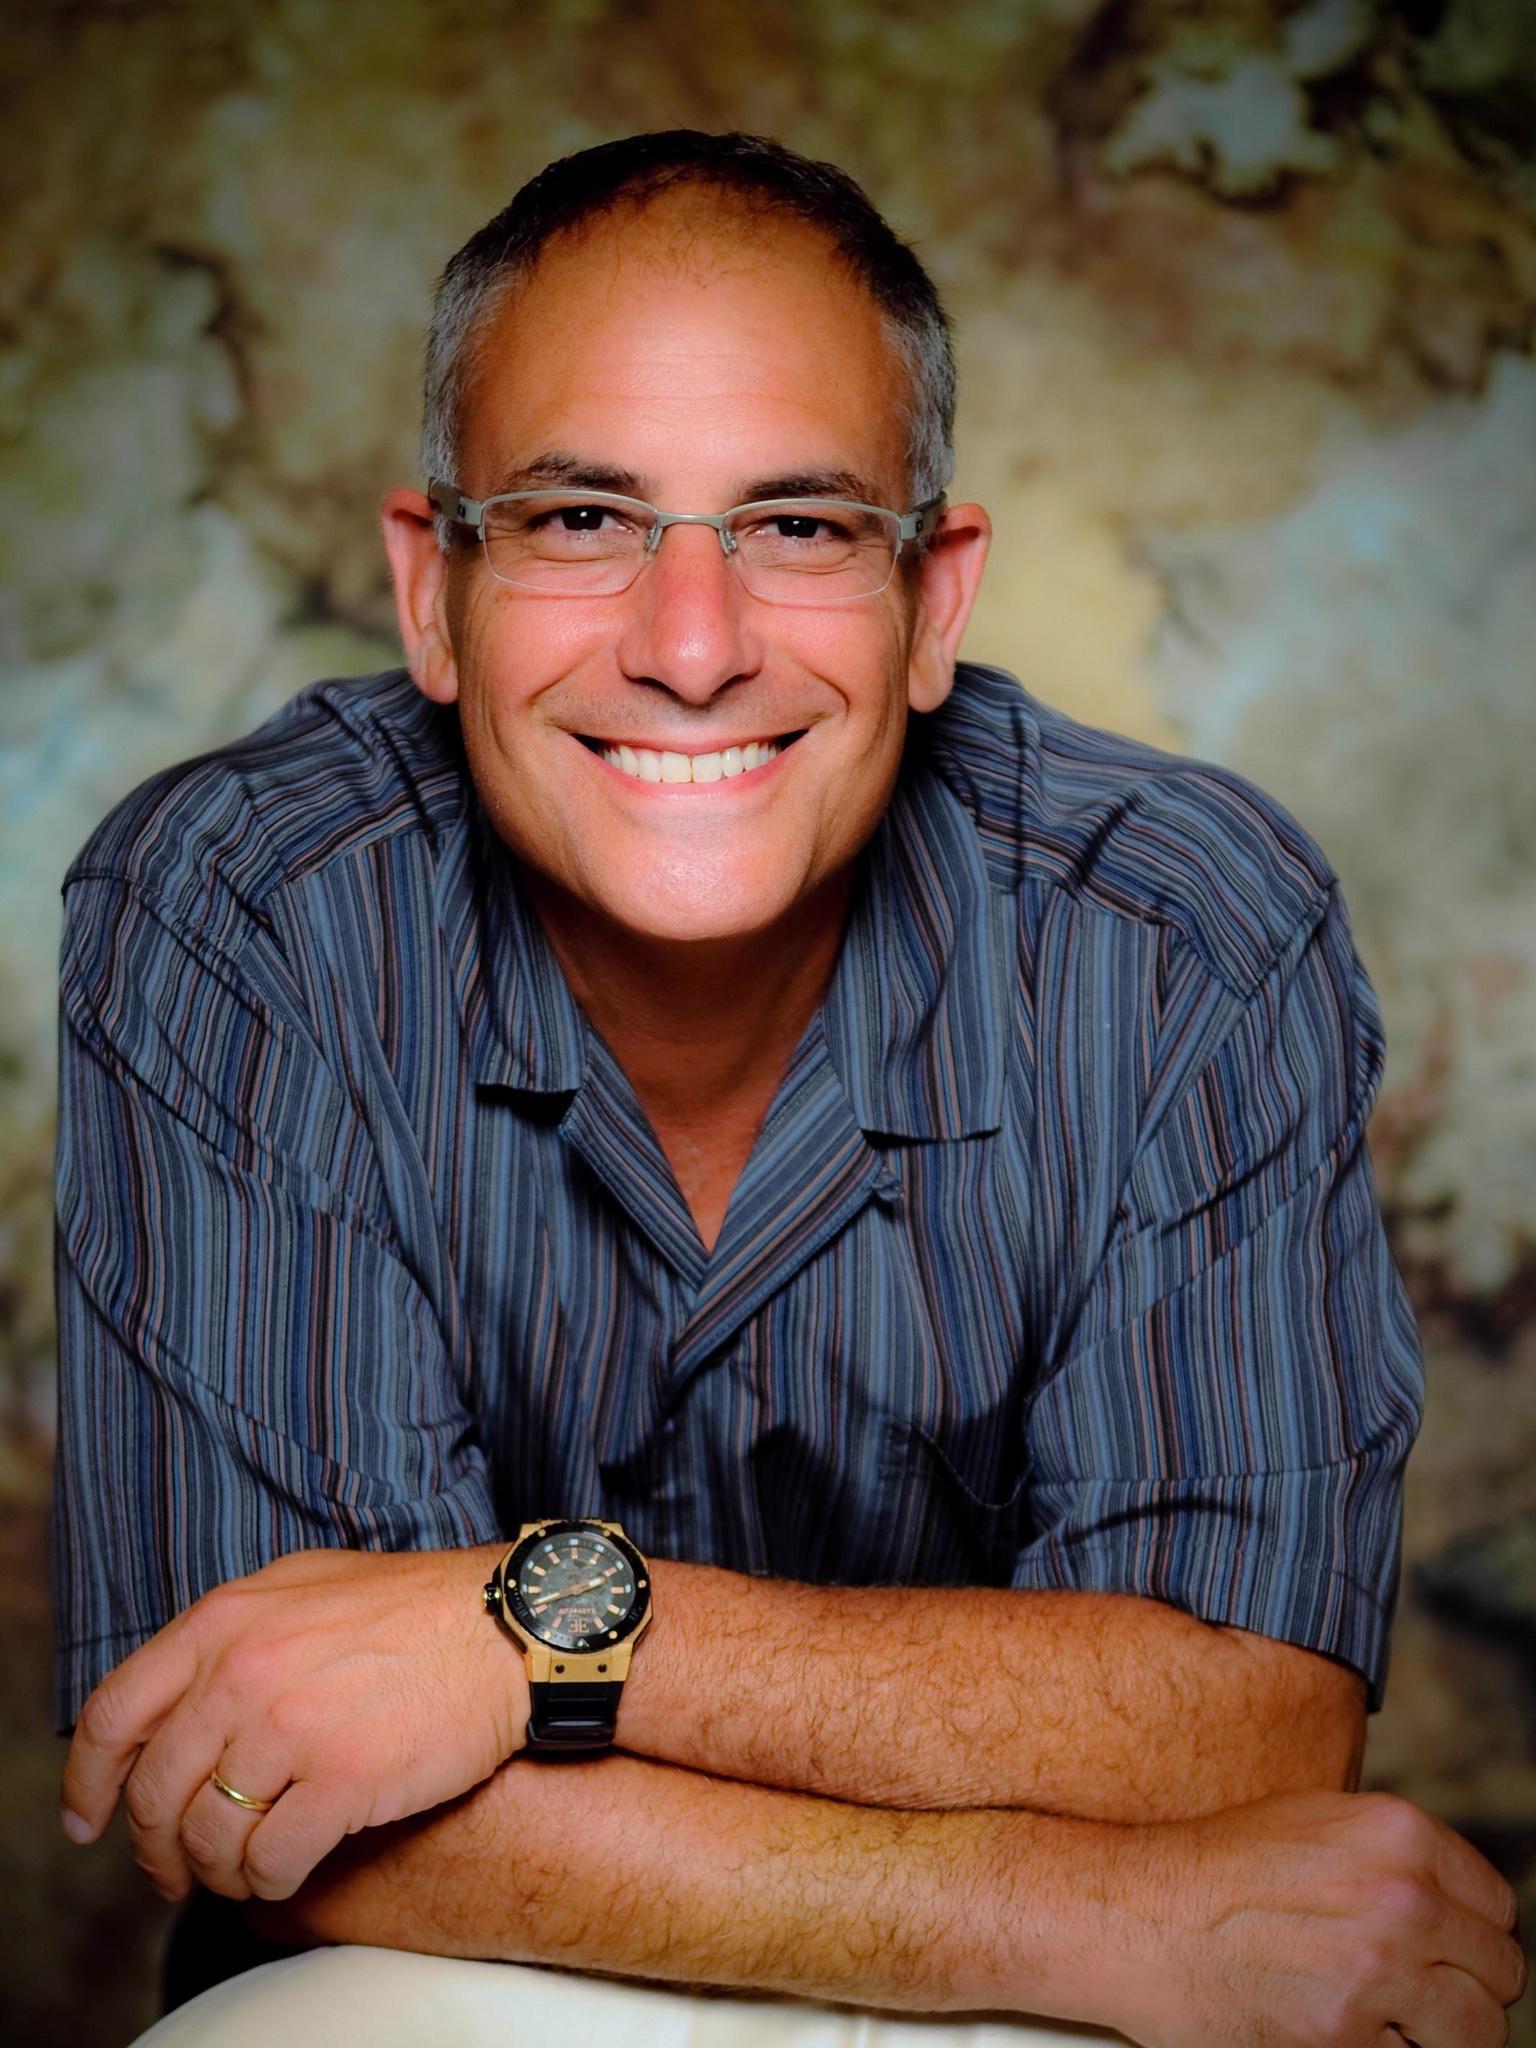 EY Announces Ralph Dangelmaier of BlueSnap Named